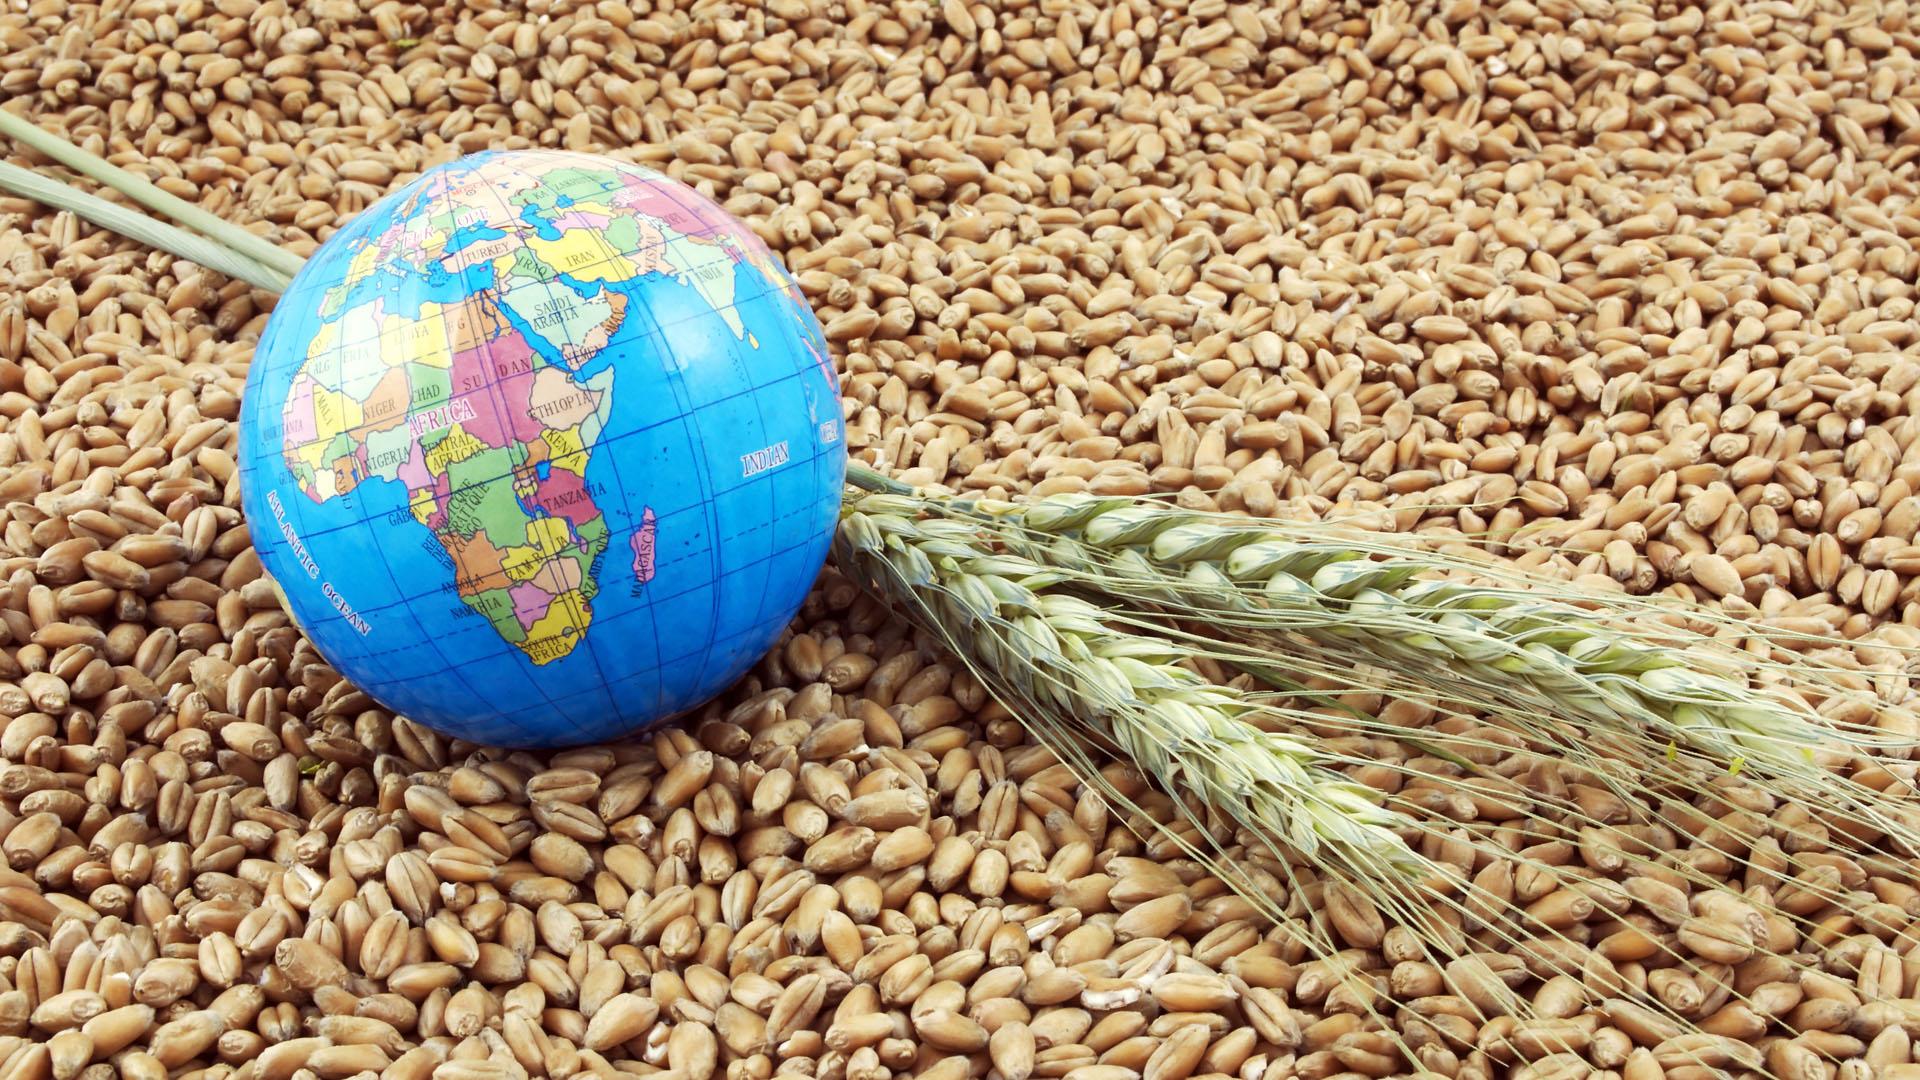 El B20 se enfocará en el acceso a los alimentos y la desnutrición para una población en crecimiento (Getty)